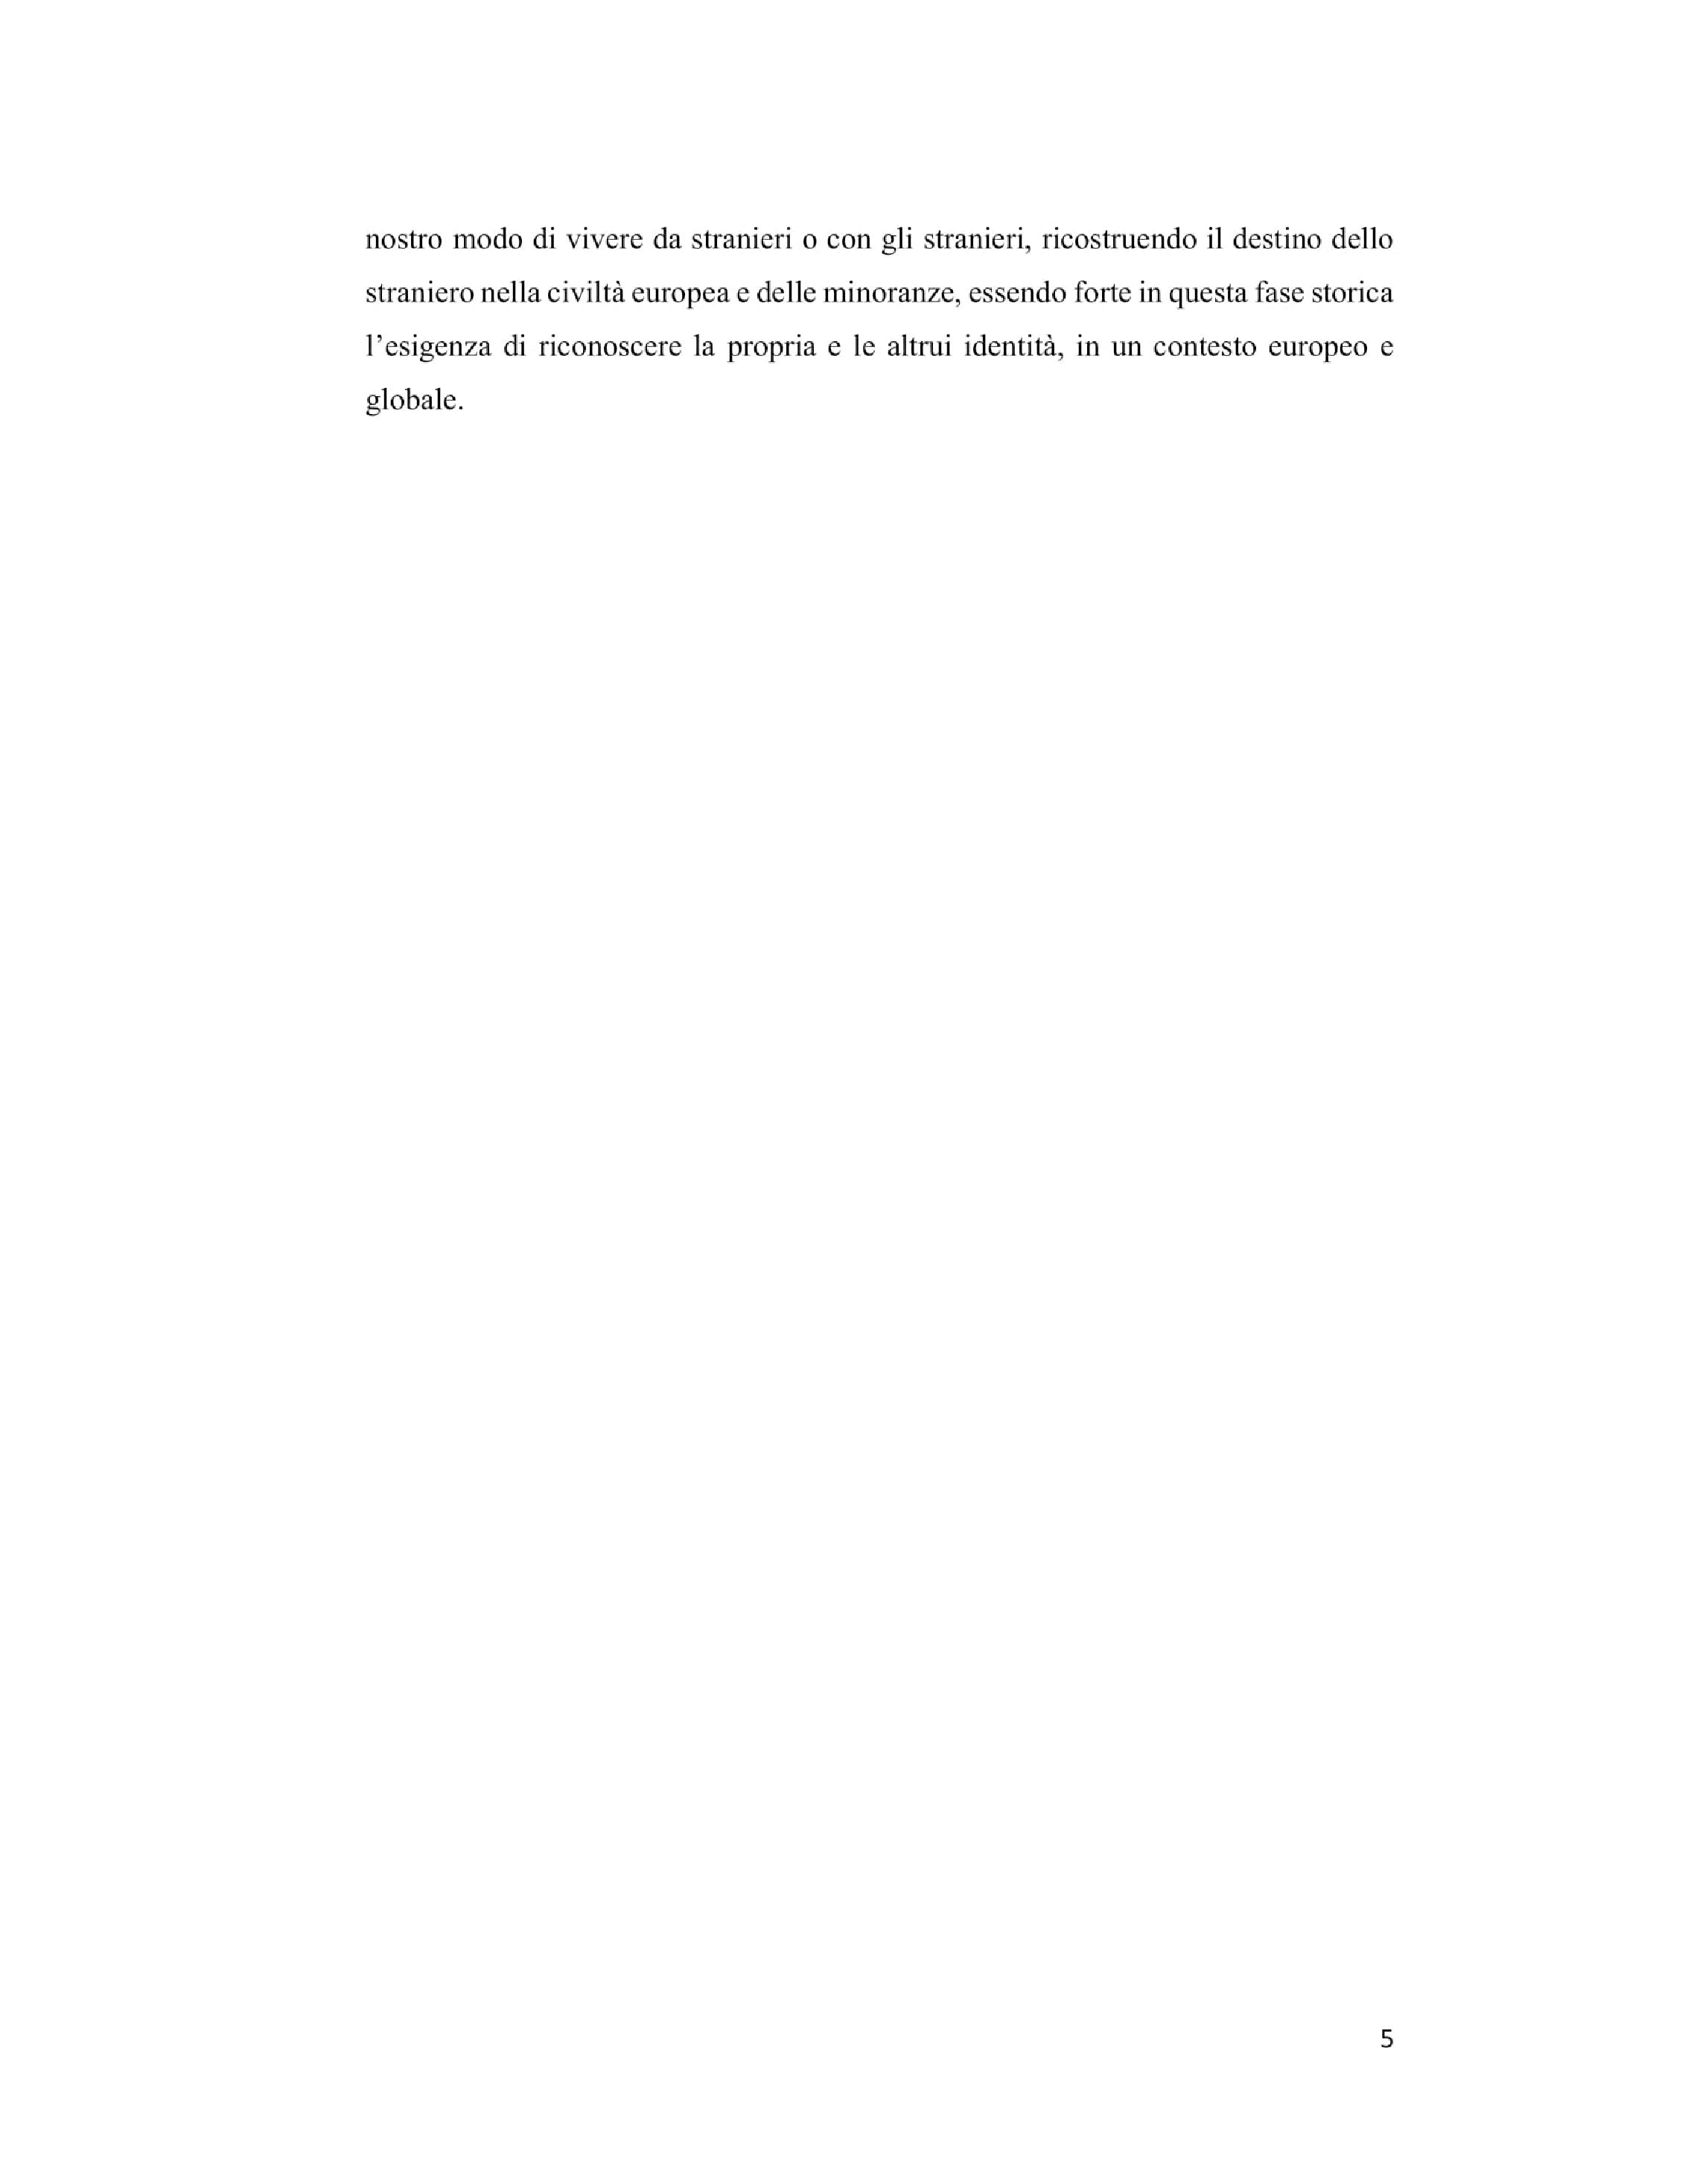 Anteprima della tesi: Il teatro come veicolo d'intercultura, Pagina 3